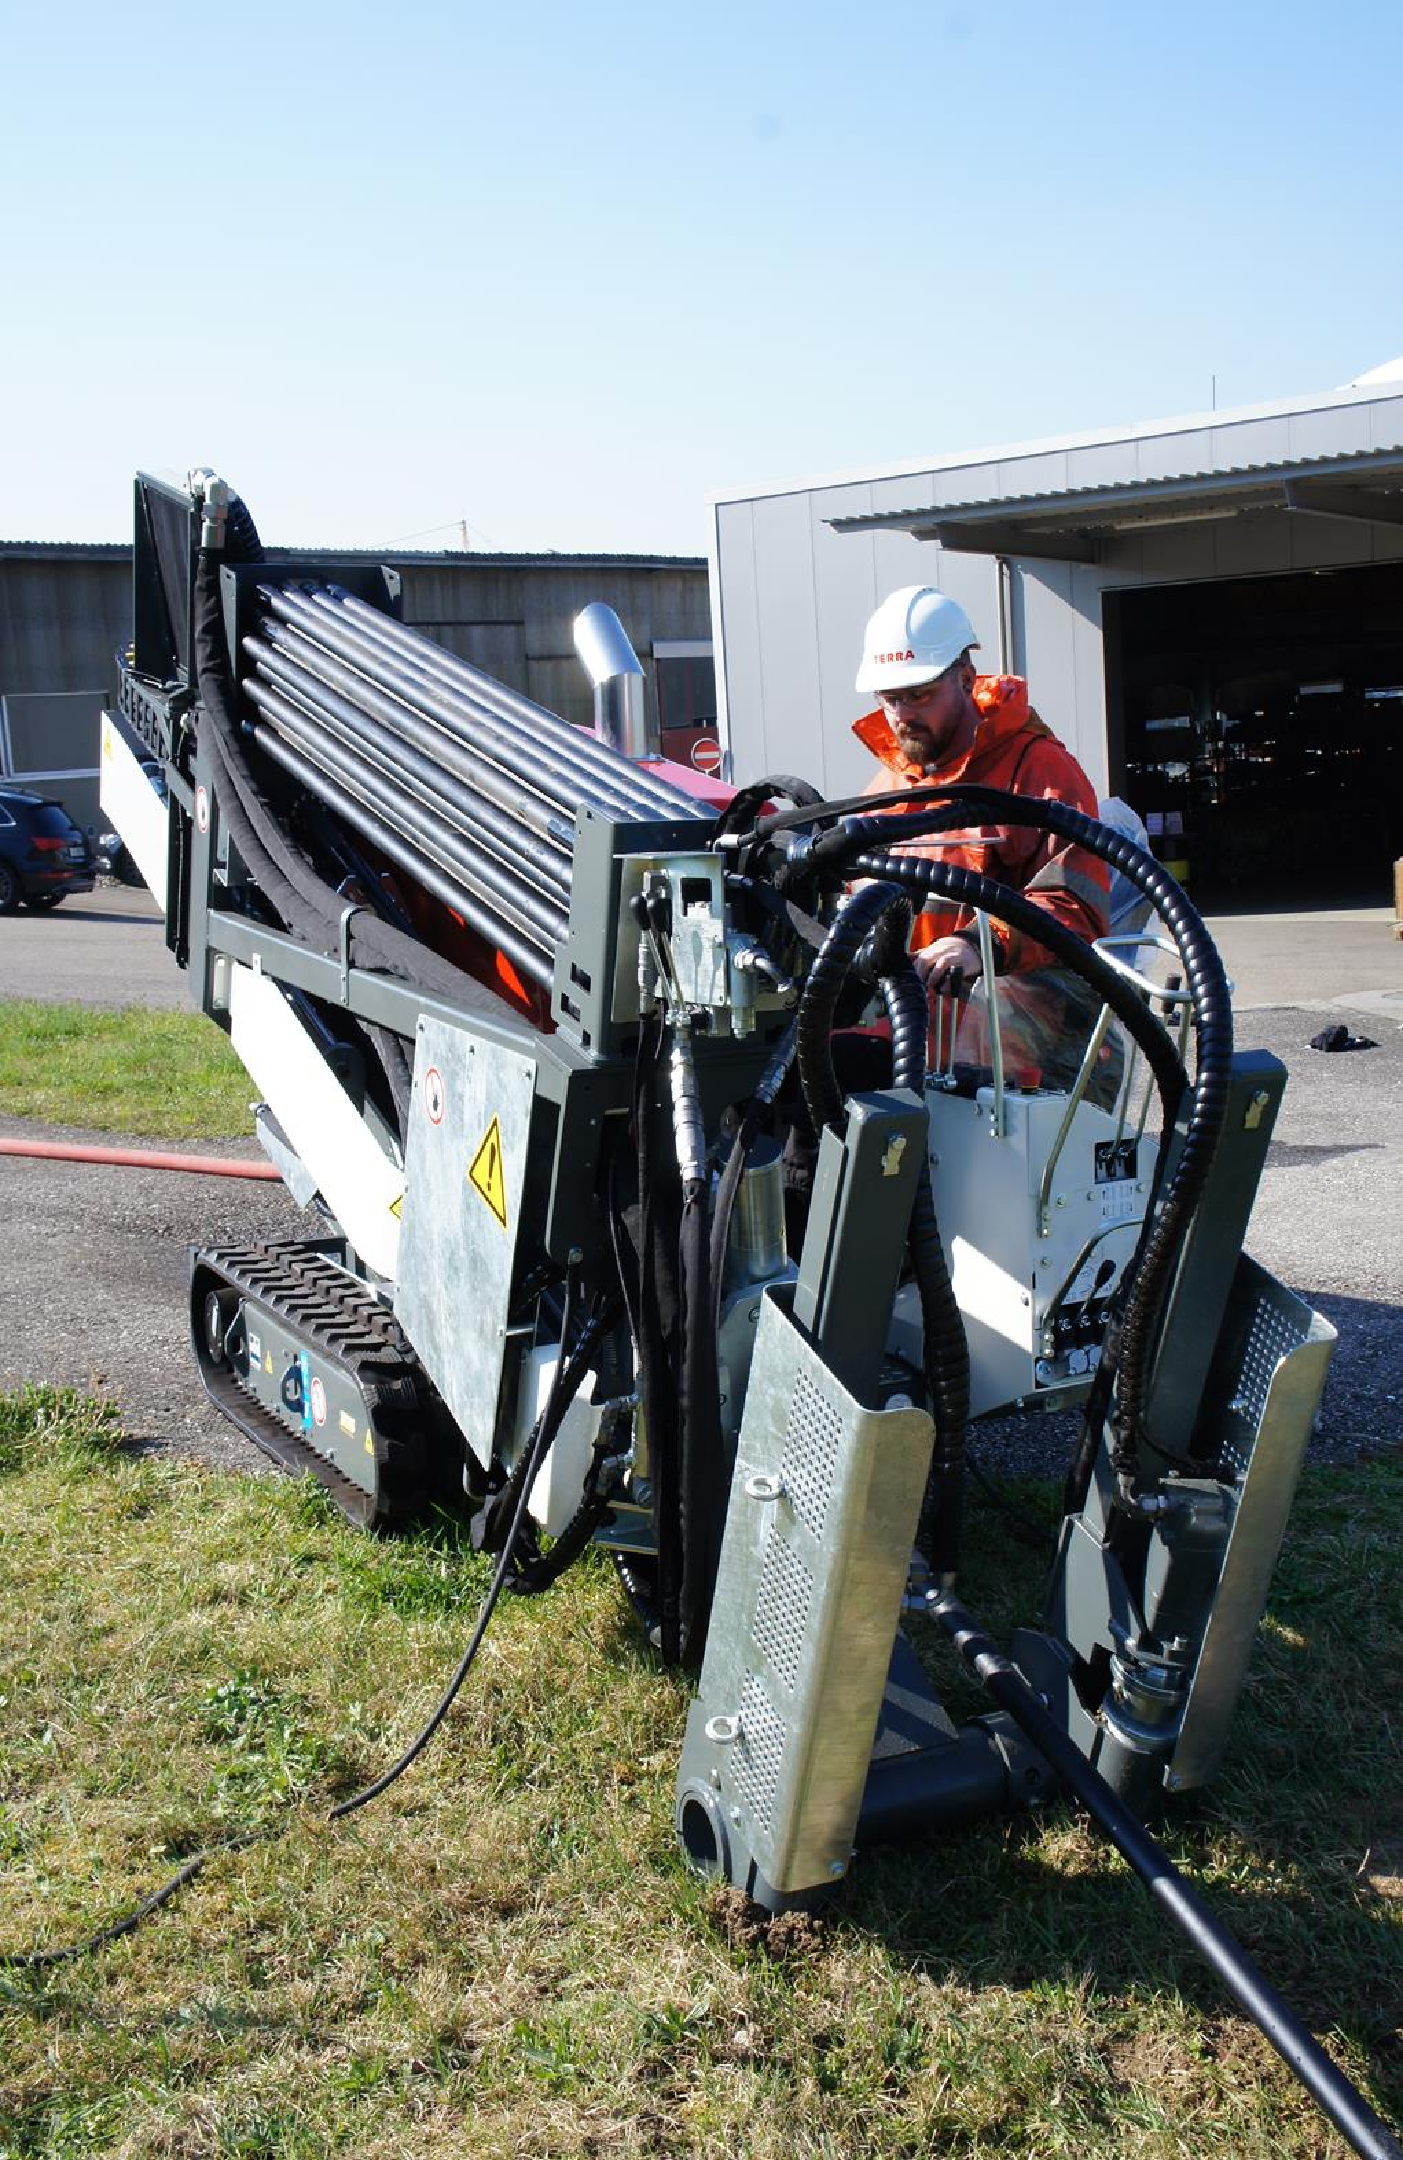 75 CV de puissance - moteur Diesel HATZ - la TERRA-JET DJ 10